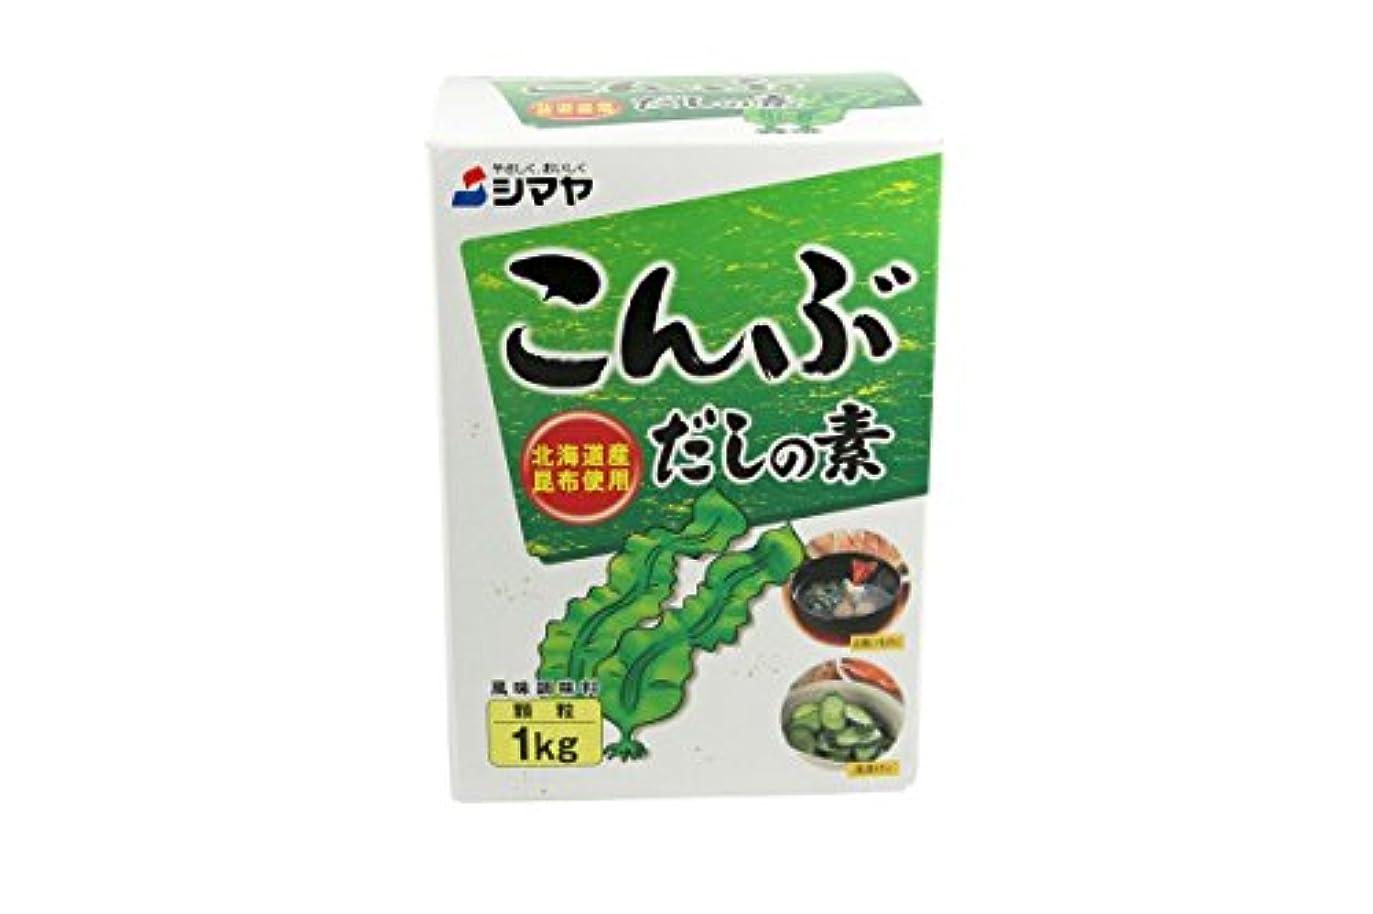 フォルダフィードバックアレイシマヤ こんぶだしの素 北海道産昆布使用 顆粒1kg